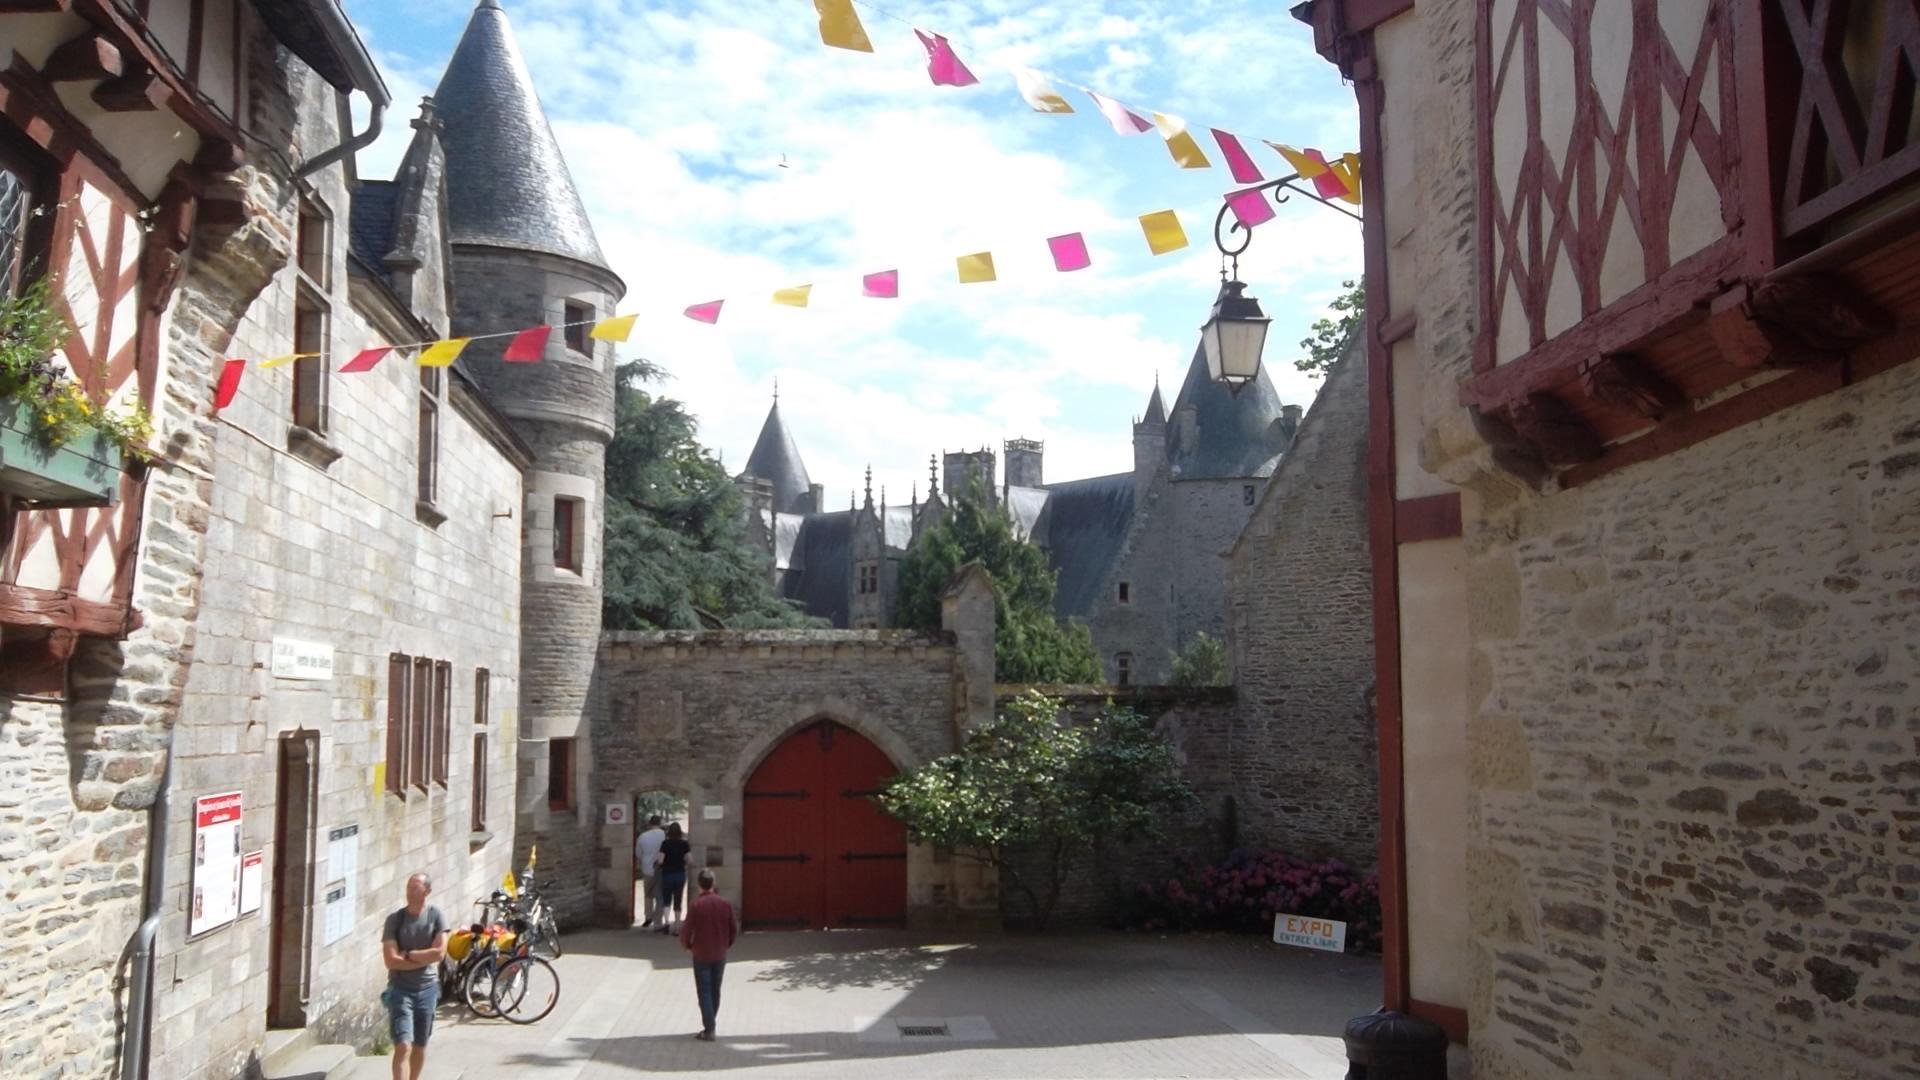 josselin-castle-rohan-main-ent-aug12